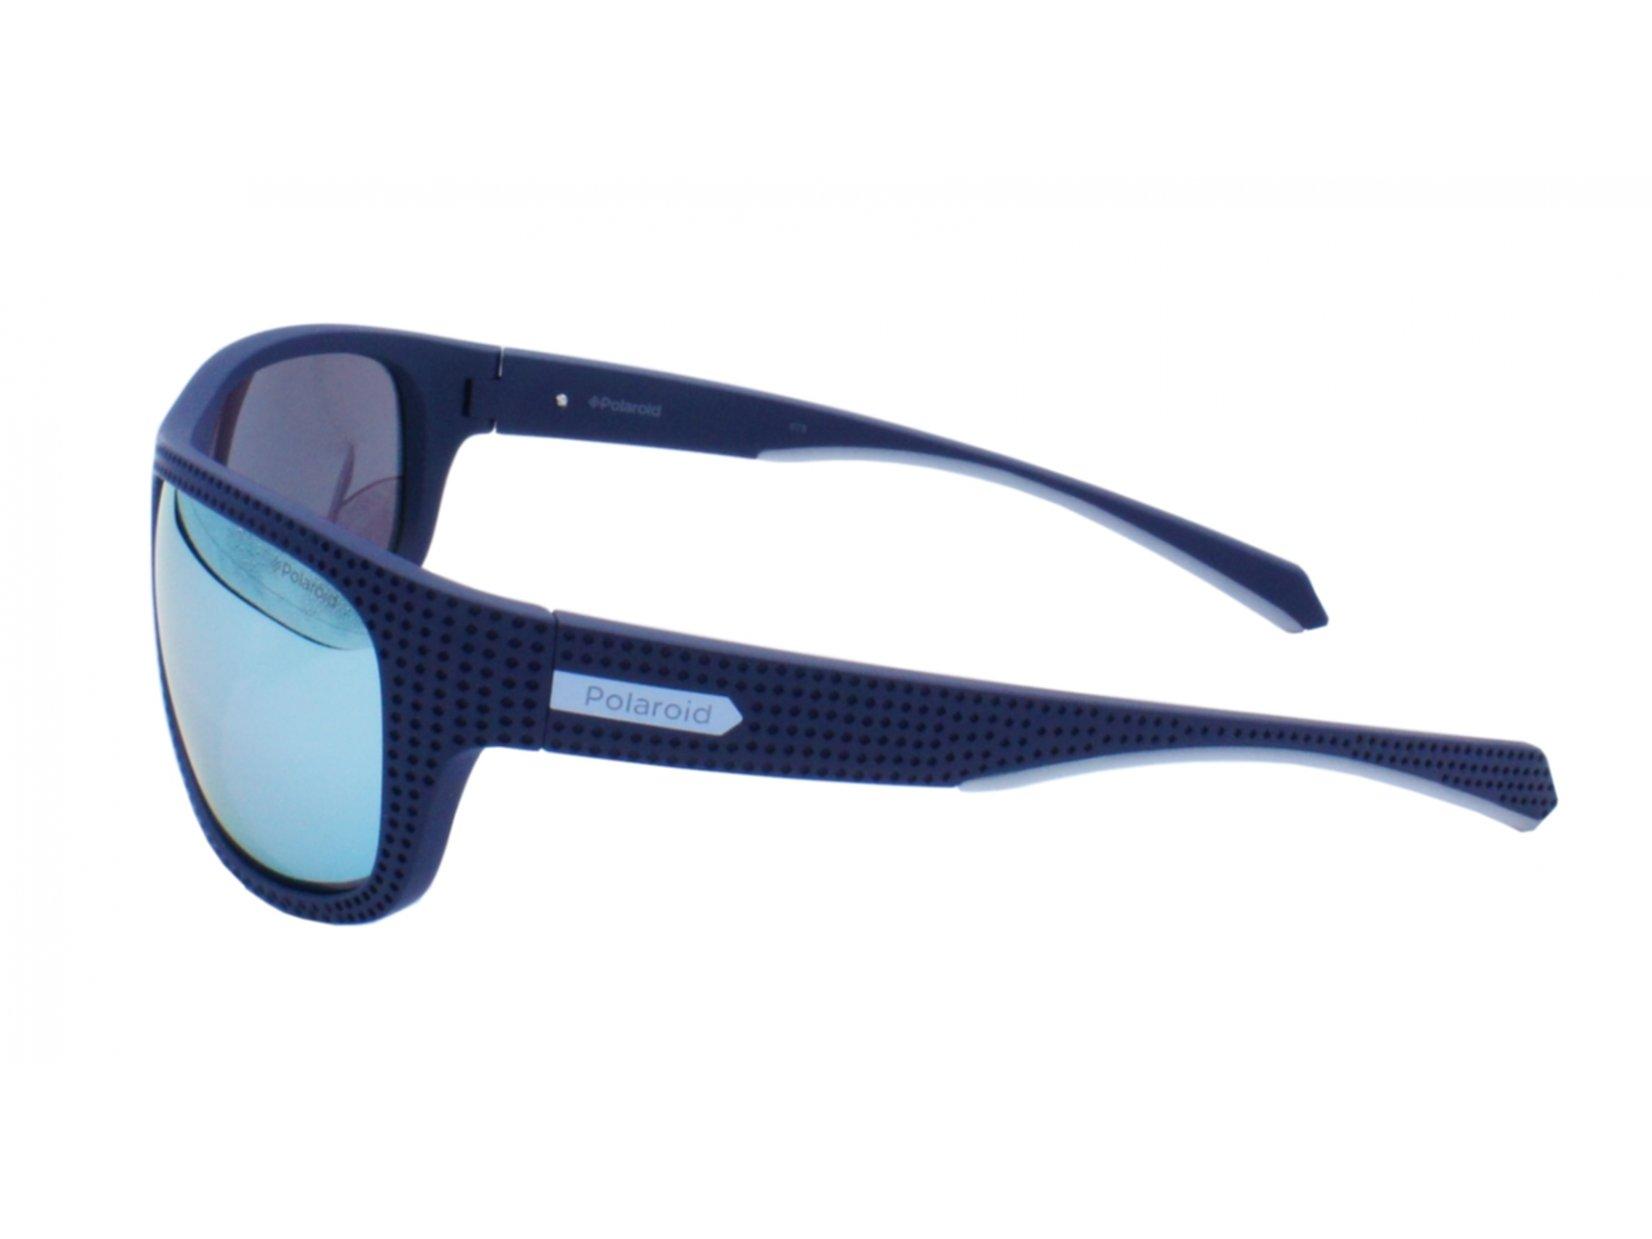 a93b28e6d7dfd Lunettes de soleil pour homme POLAROID Bleu PLD 7022 S PJP 63 16. Autres  couleurs. autres coloris disponibles